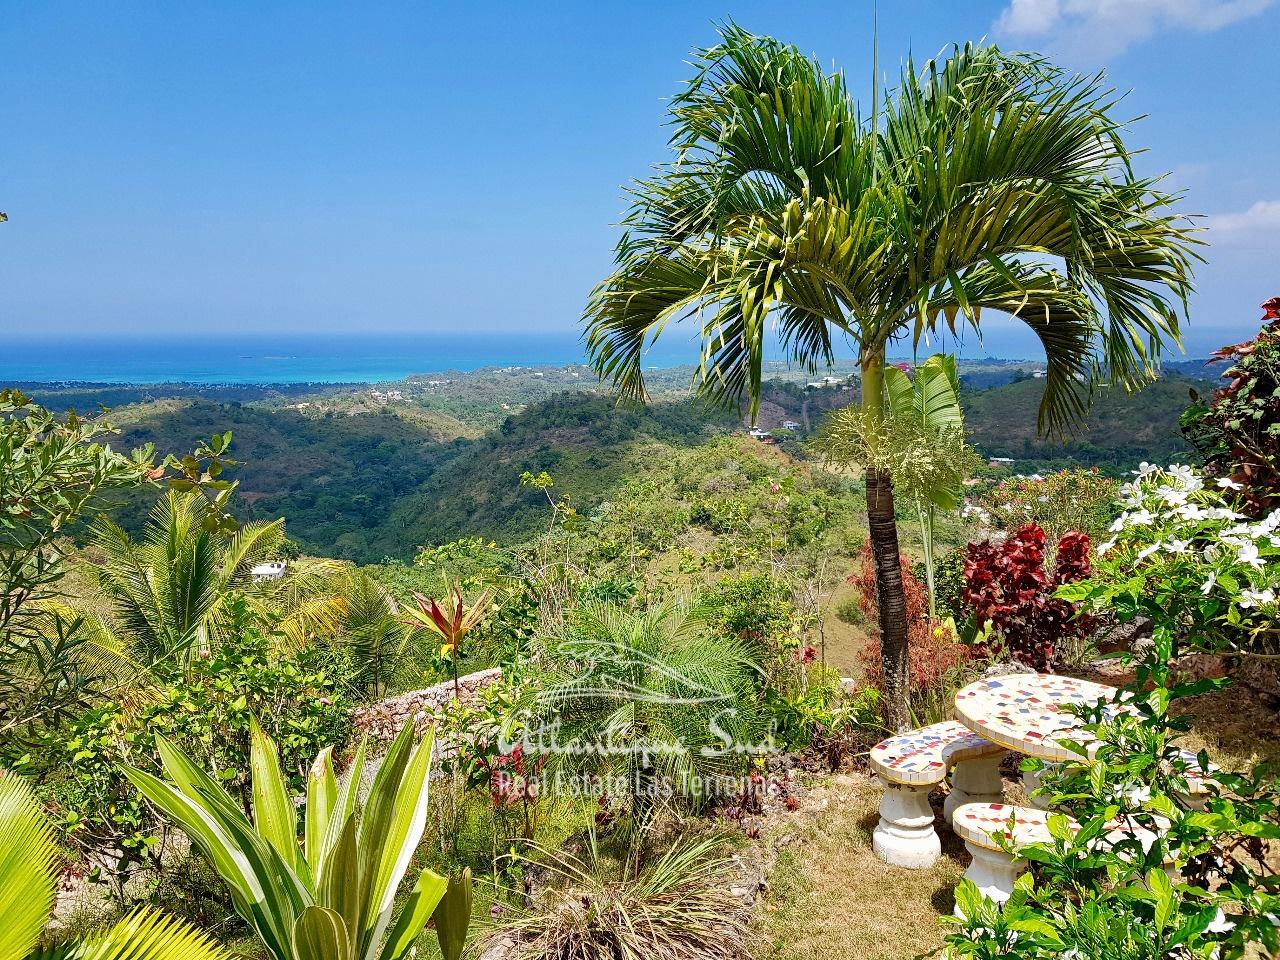 Casa Eva Hoyo Cacao Real Estate Las Terrenas Atlantique Sud4.jpeg